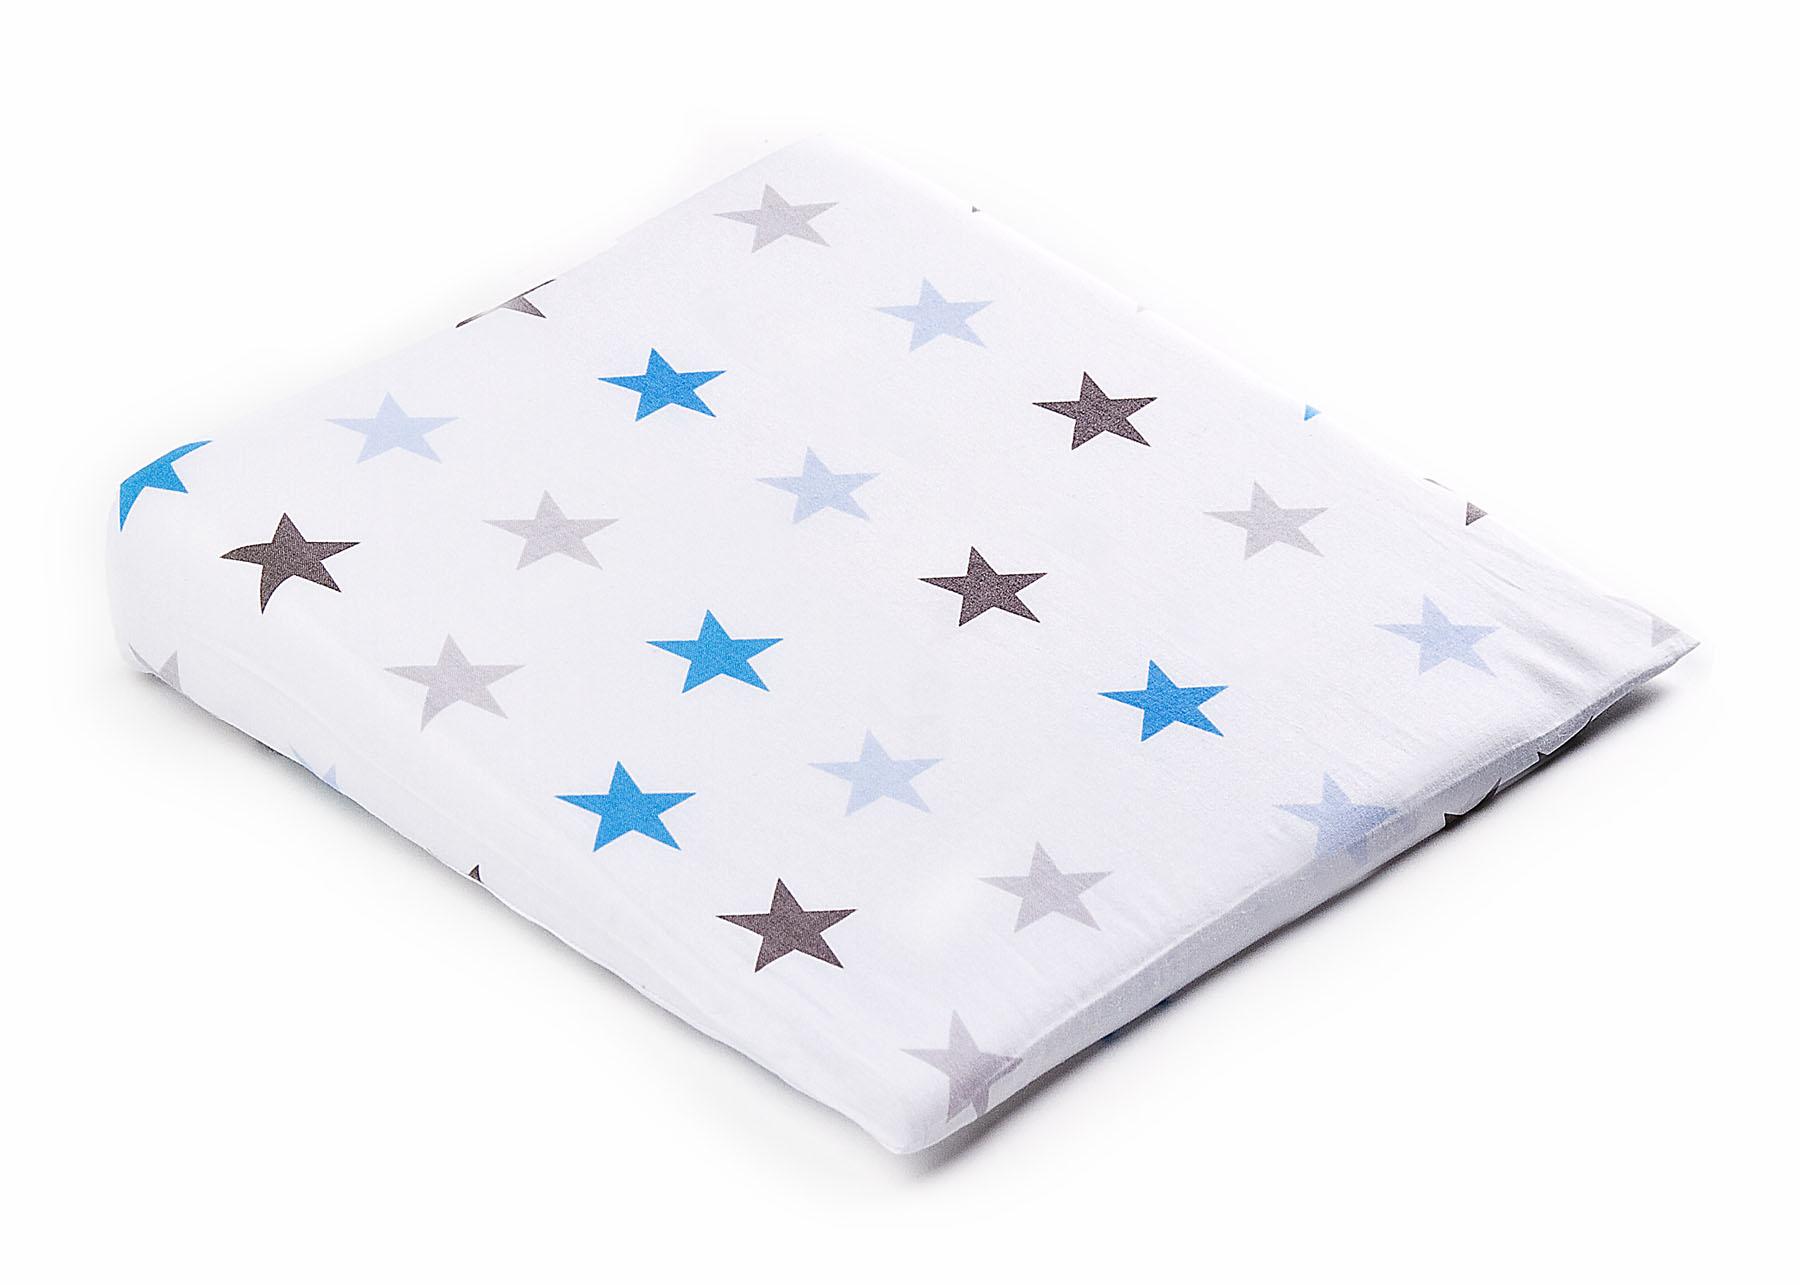 38×30 Wedge Pillowcases – galaxy blue